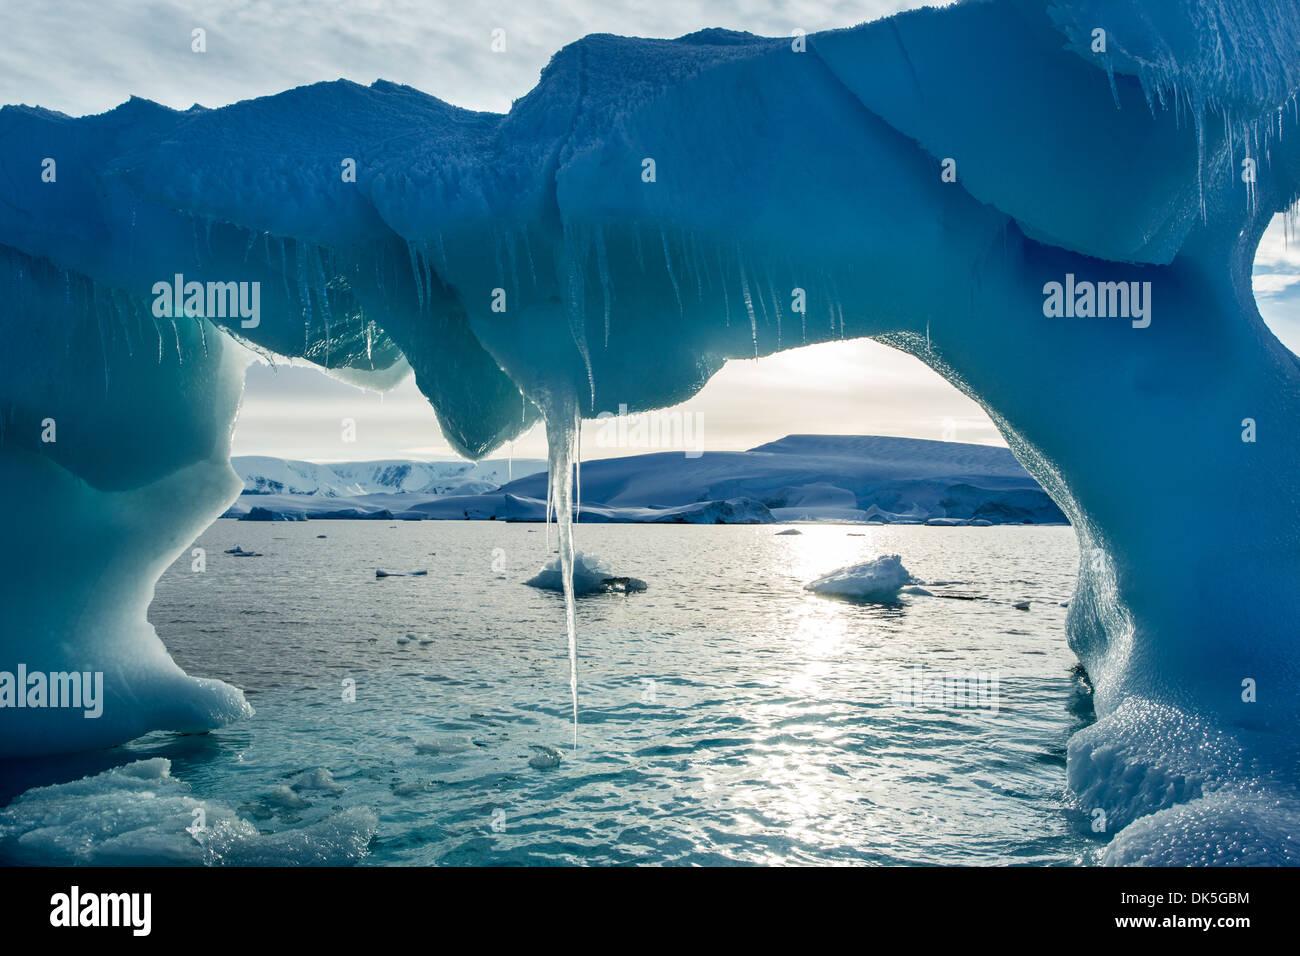 L'antarctique, les glaçons pendre du iceberg voûté flottant près de l'île d'entreprise dans le long de la baie Wilhelmina Banque D'Images